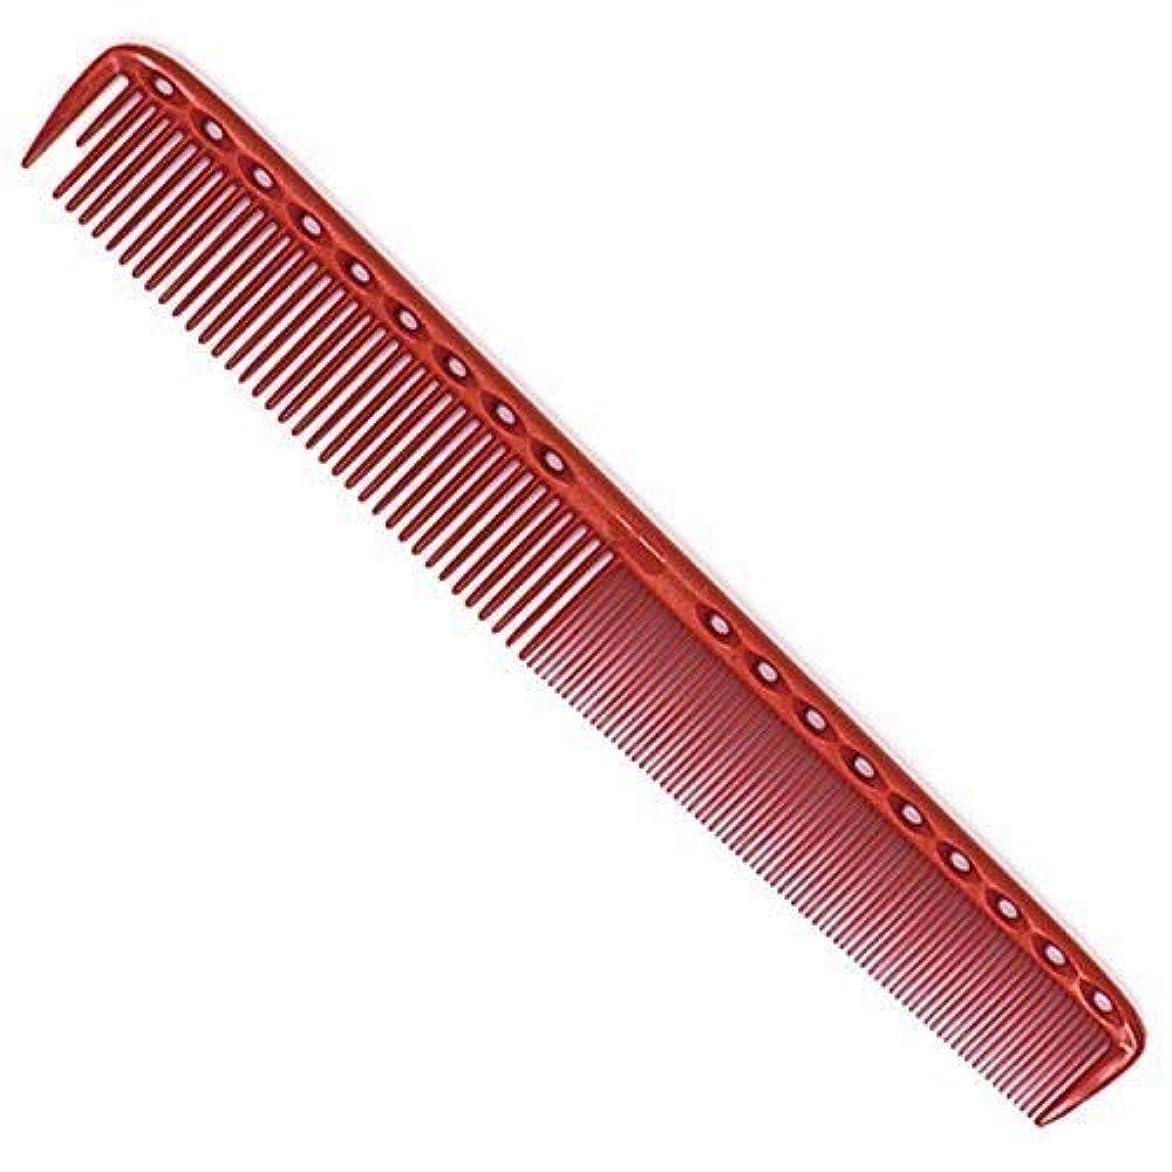 タオル遅らせる地下室YS Park 335 Extra Long Fine Cutting Comb 8.5